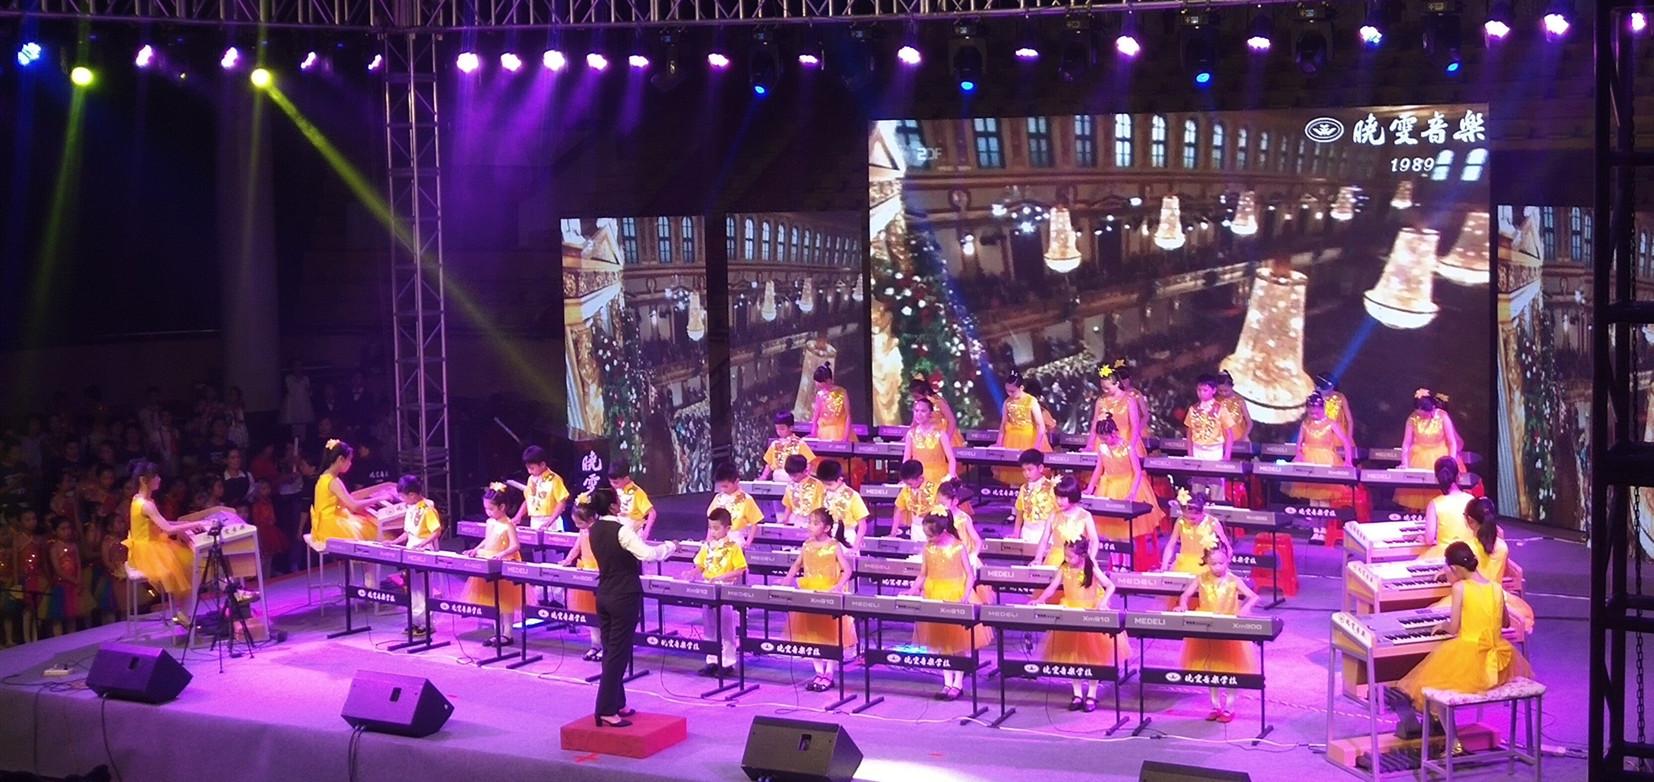 鸭子舞音乐下载_音韵昌江,歌舞飞扬_晓雯音乐学校